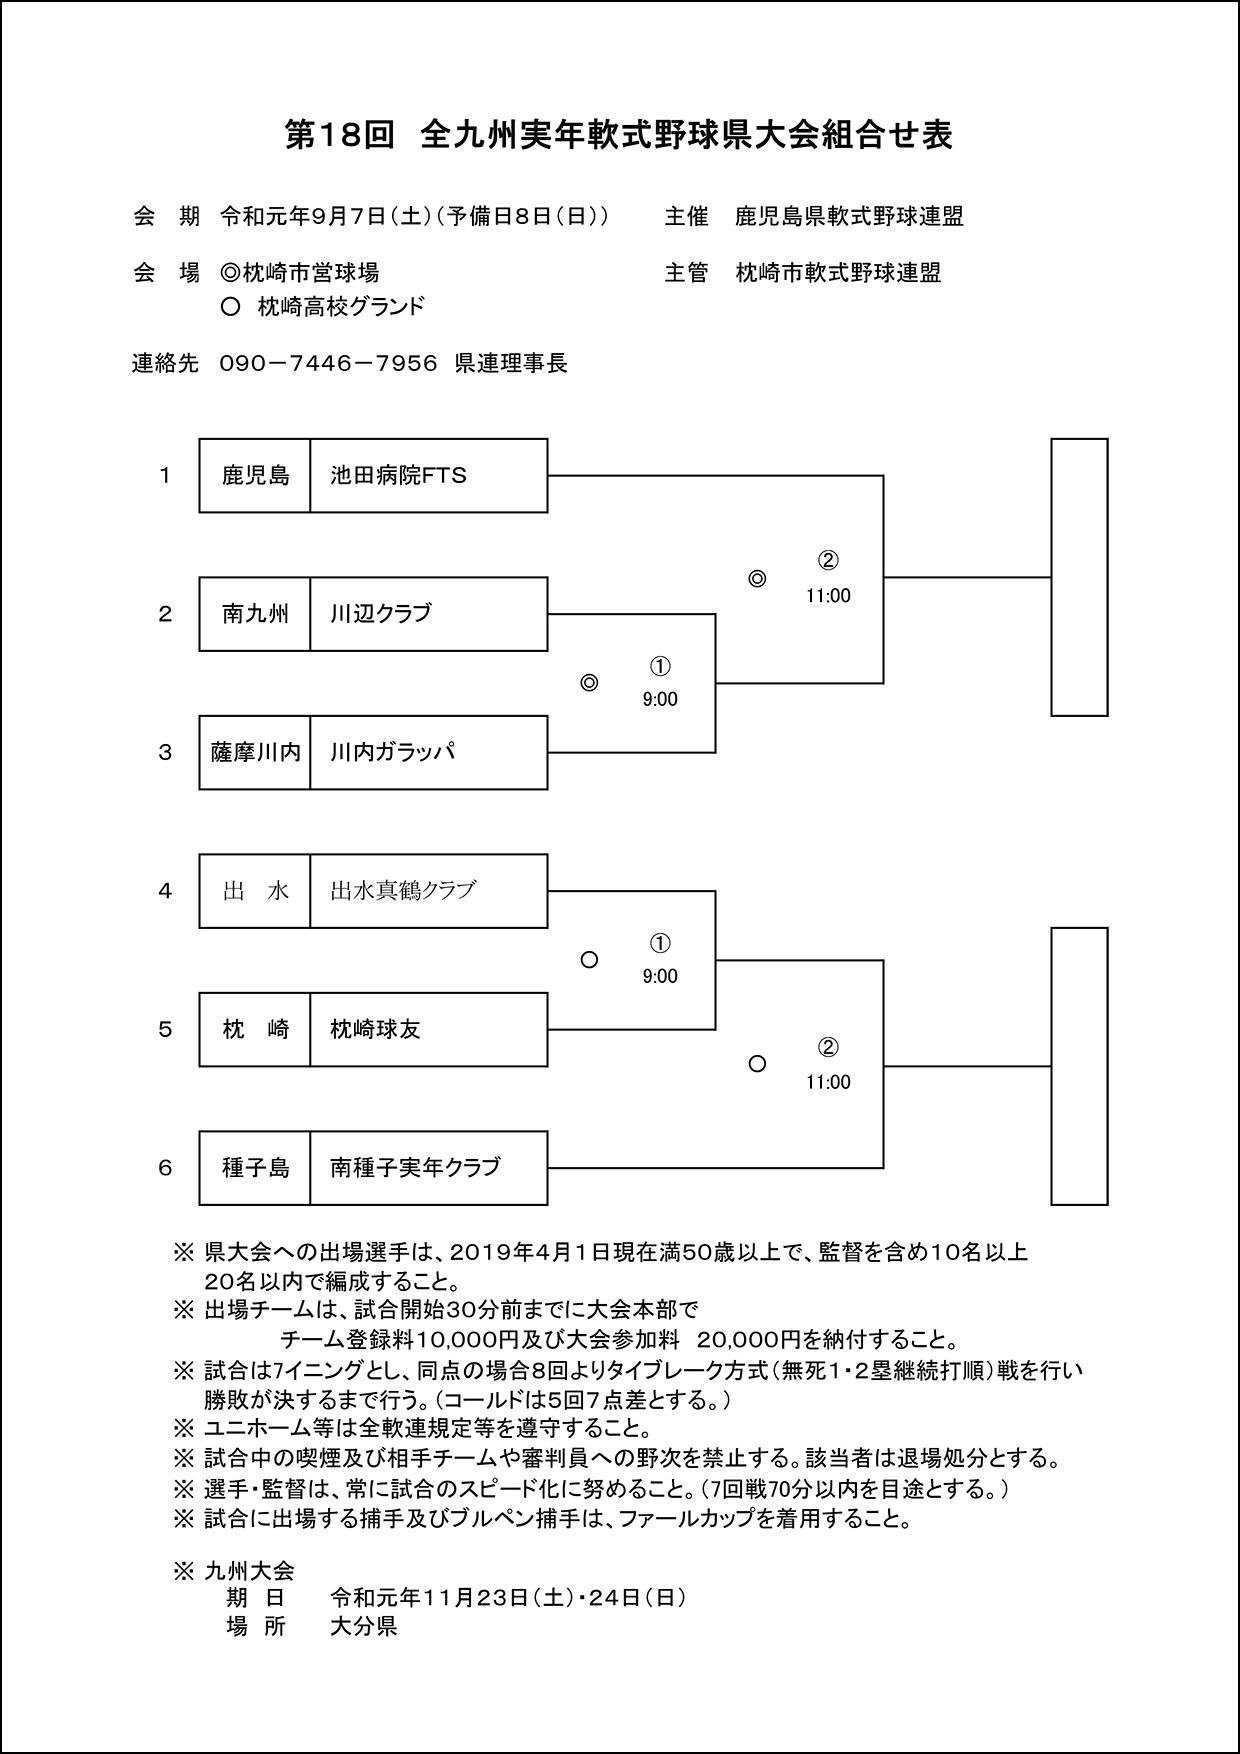 【組合せ】第18回全九州実年県予選